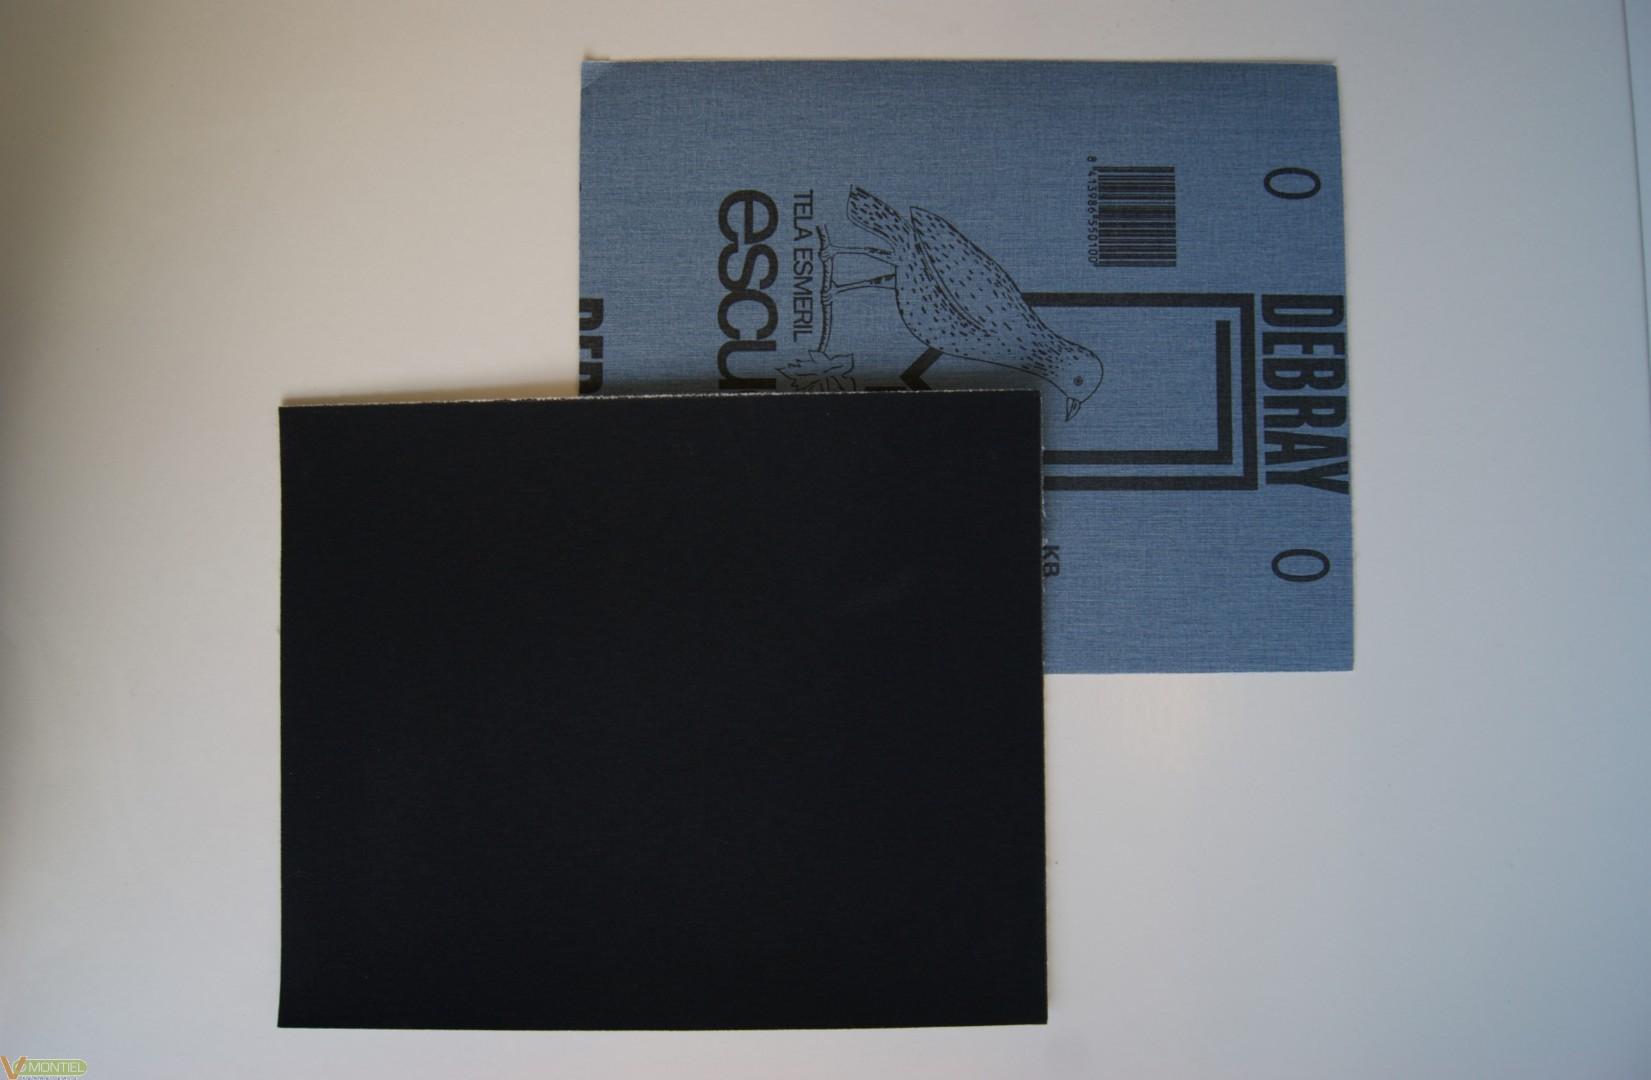 Lija tela esmeril esc 230 mm x-0